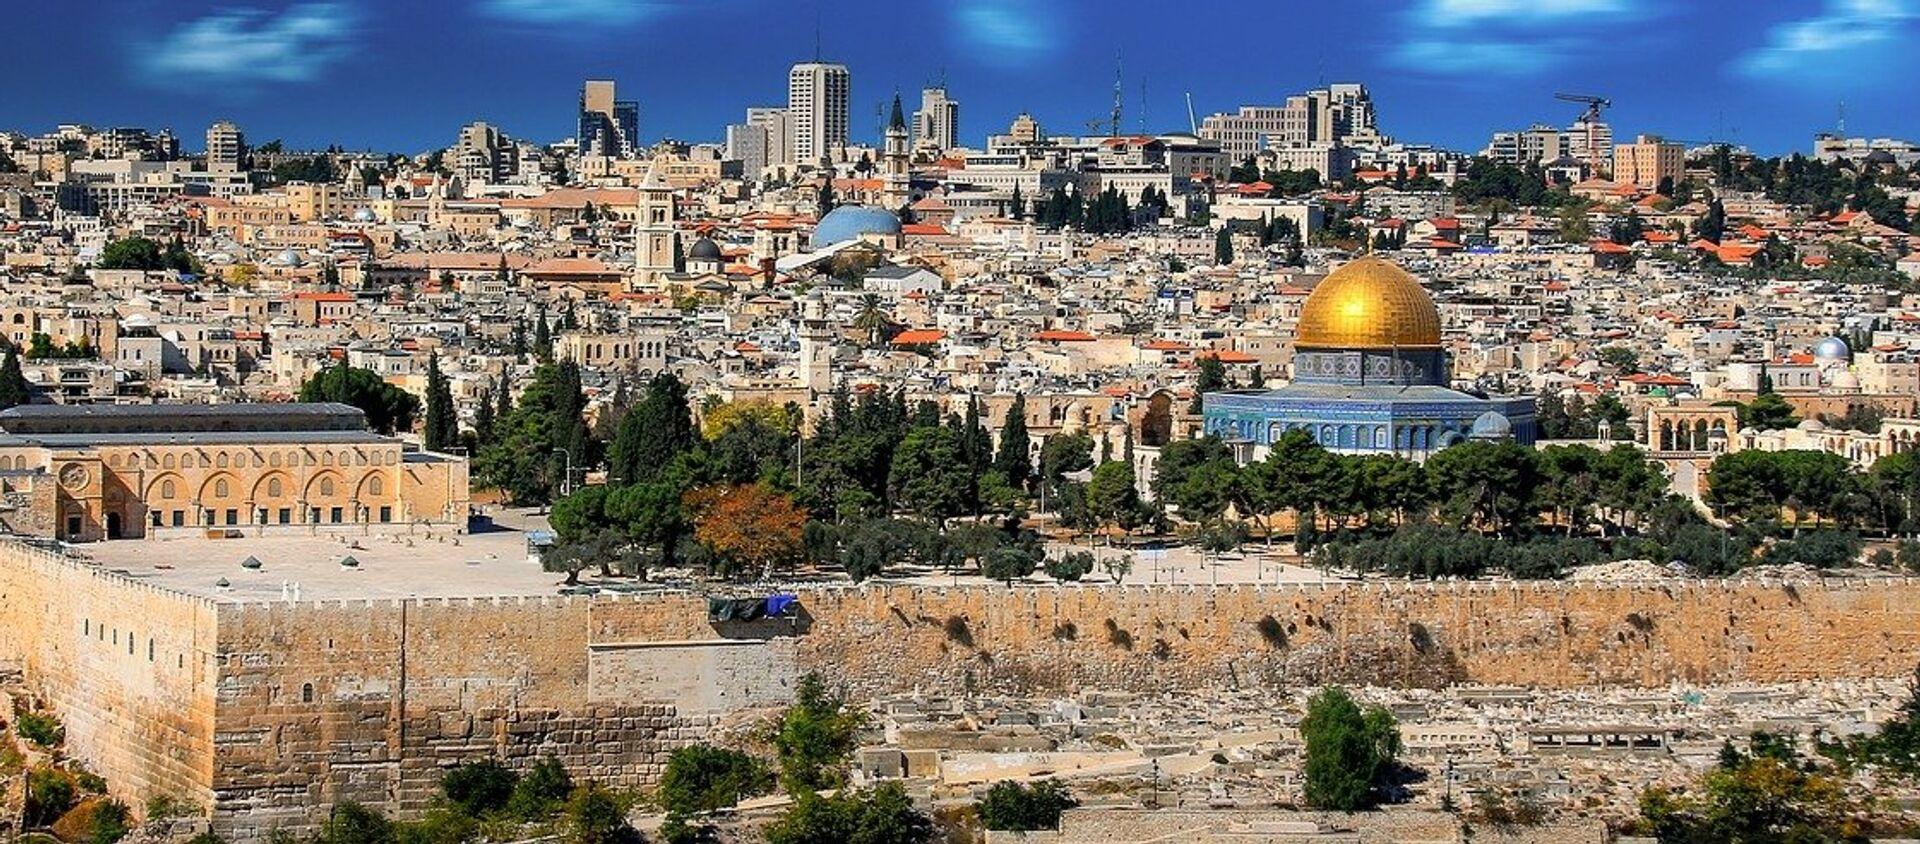 Jerusalén es considerada una ciudad sagrada para las tres principales religiones monoteístas del mundo: el judaísmo, el cristianismo y el islam. También es disputada por Palestina e Israel, que consideran la ciudad capital de sus respectivos Estados. - Sputnik Mundo, 1920, 20.01.2021